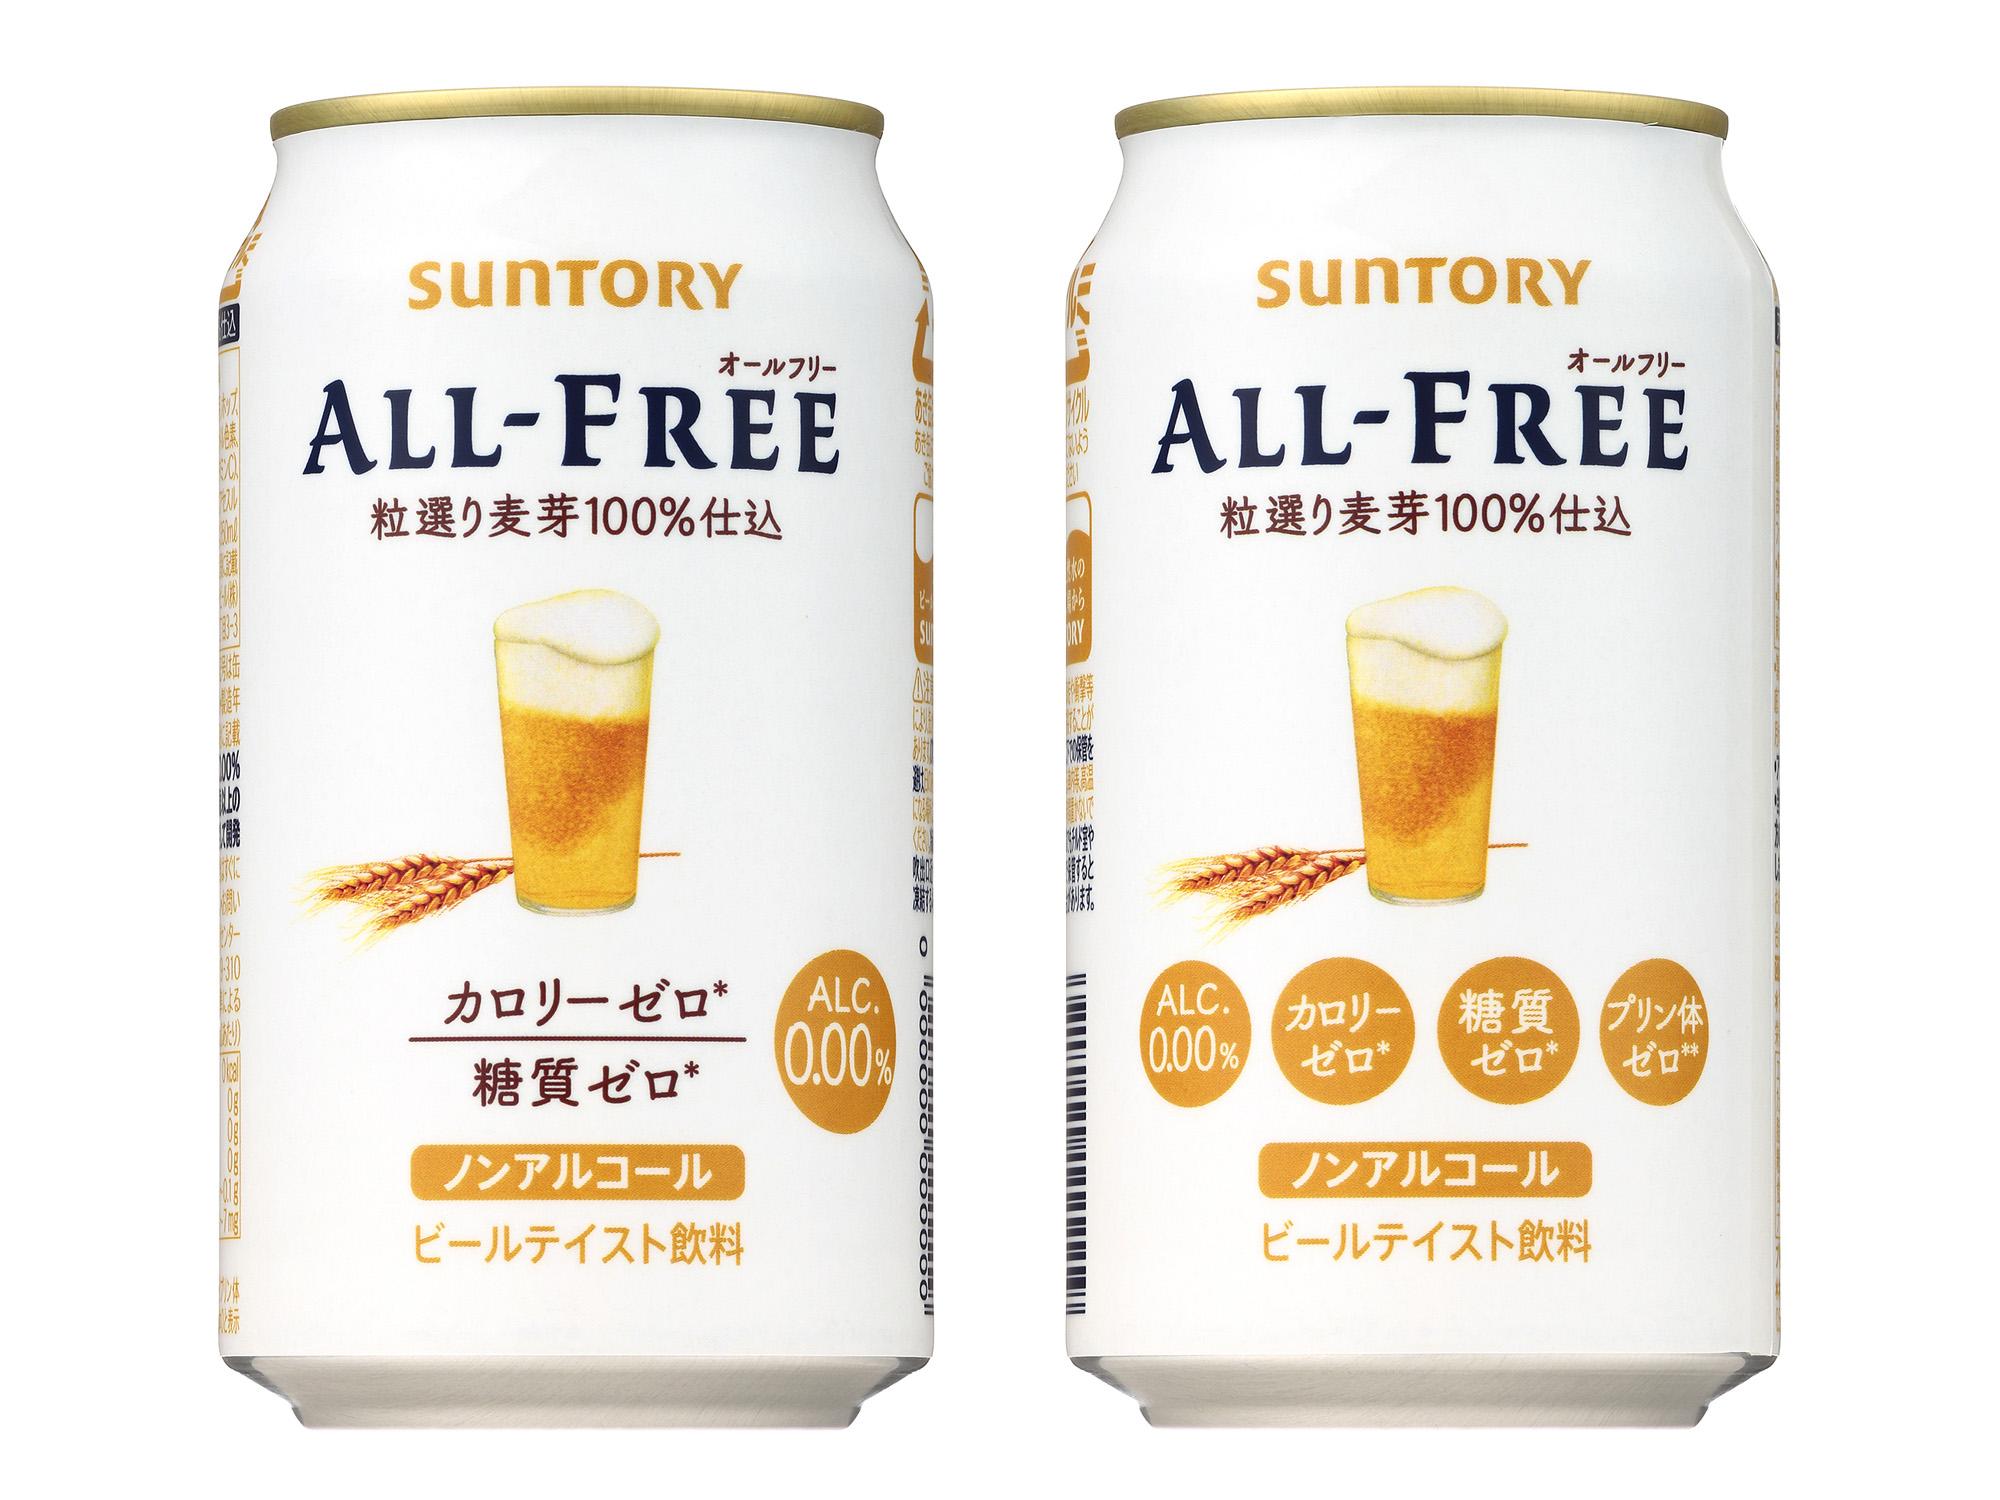 ノンアルコールビールテイスト飲料No.1(※1)ブランド 「オールフリー」リニューアル新発売 ― すっきりとした後味はそのままに、よりいっそう旨味を感じられる中味を実現 ―